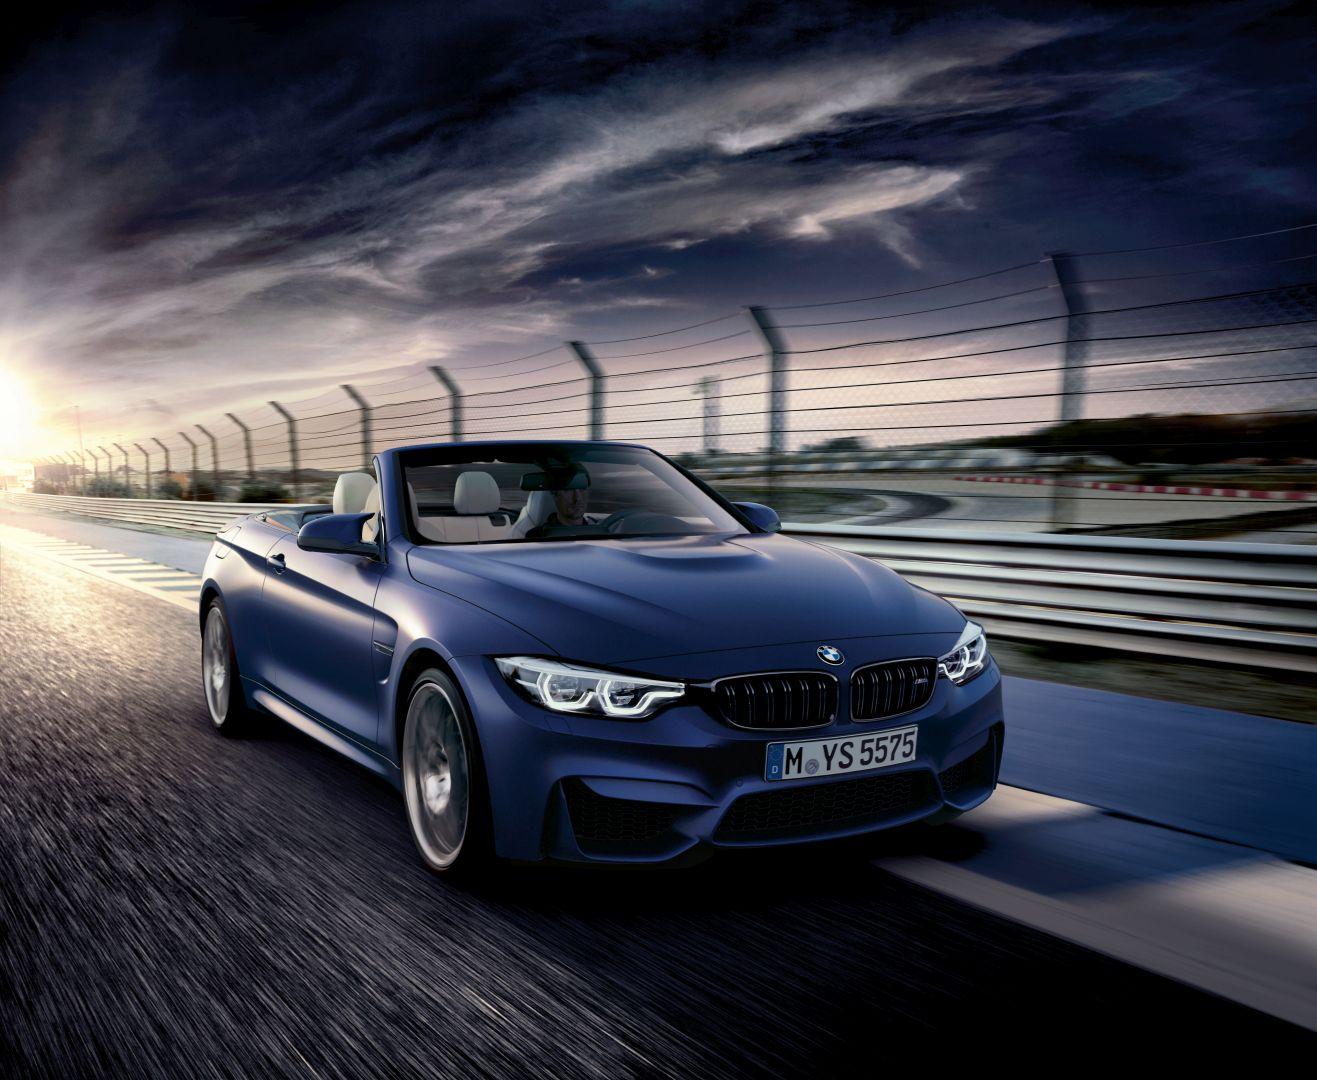 BMW M4 4 Series Update 2019 9